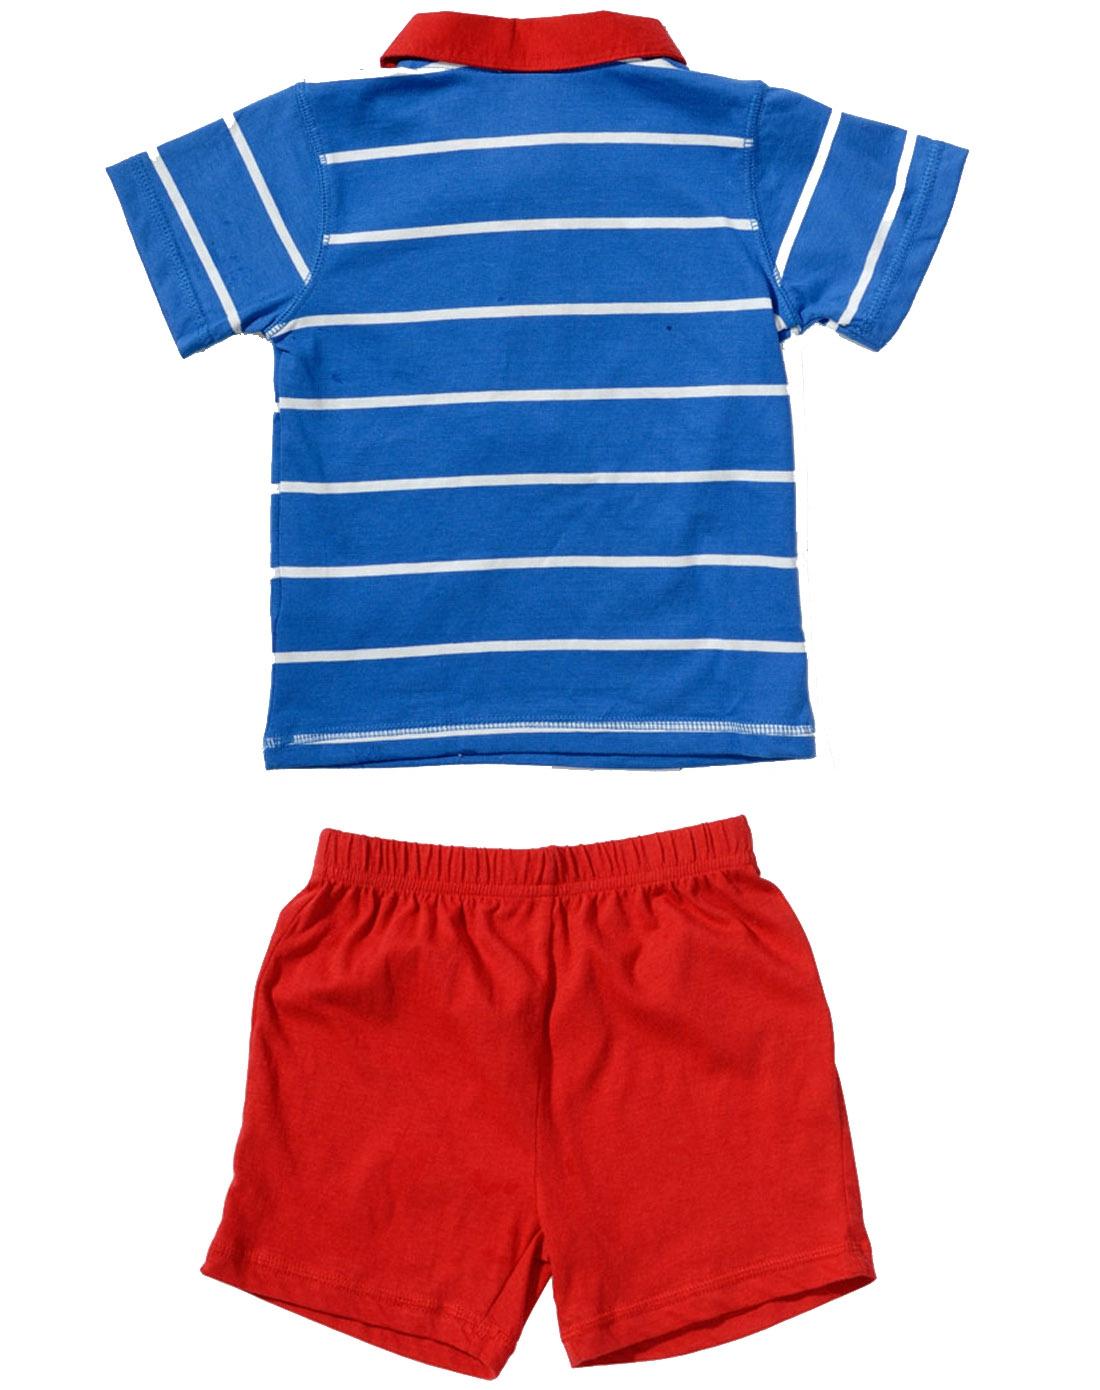 男童蓝色短袖t恤短裤套装